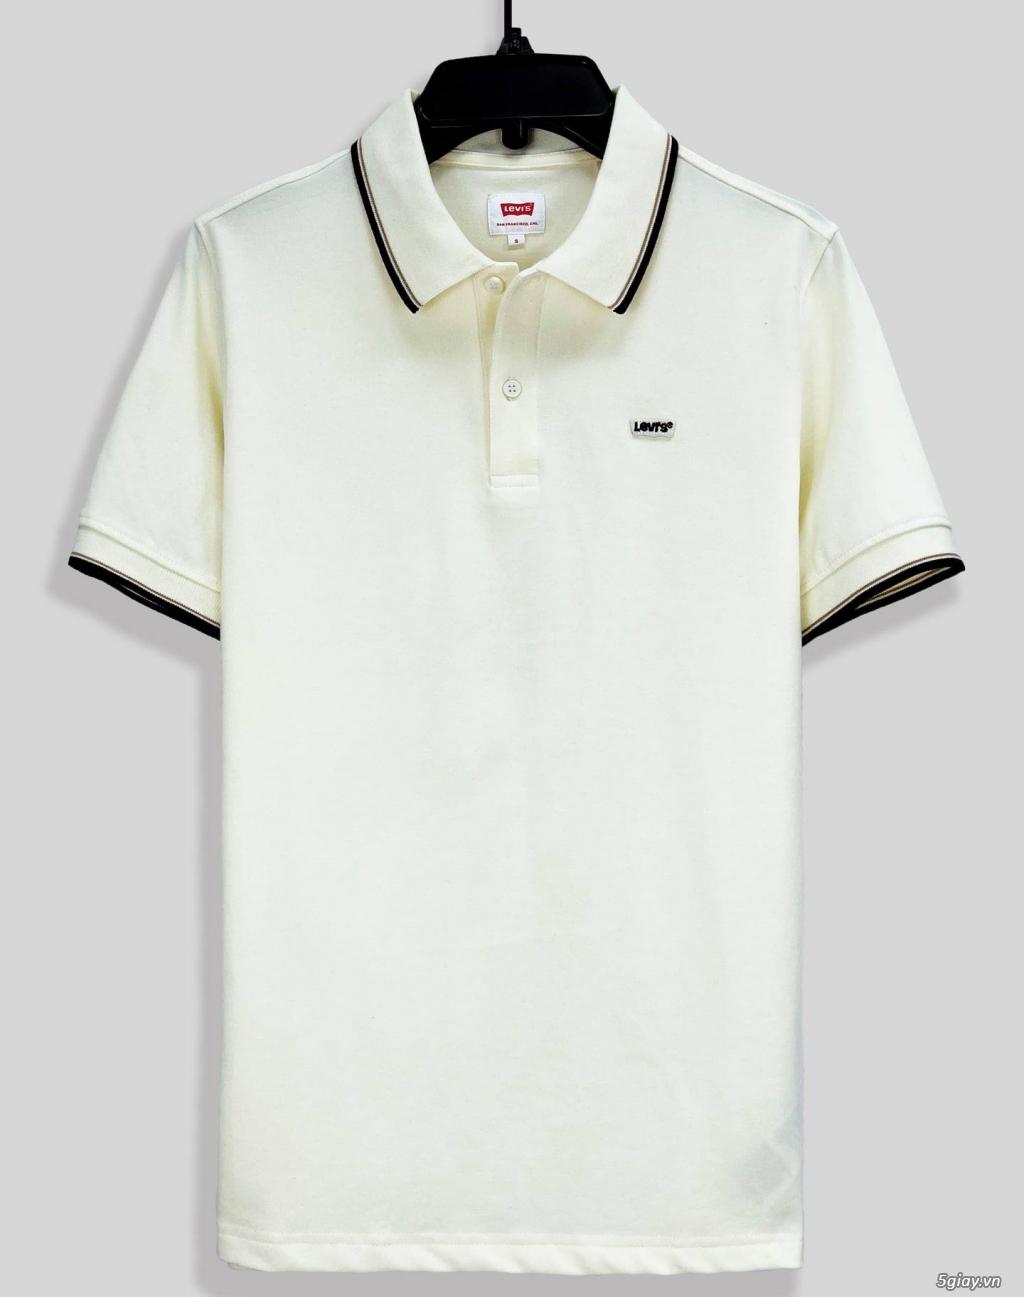 <<Y QUỲNH Store >>  chuyên bán áo sơ mi - áo thun - Hàng Hiệu Tuyển chọn - VNXK - 18